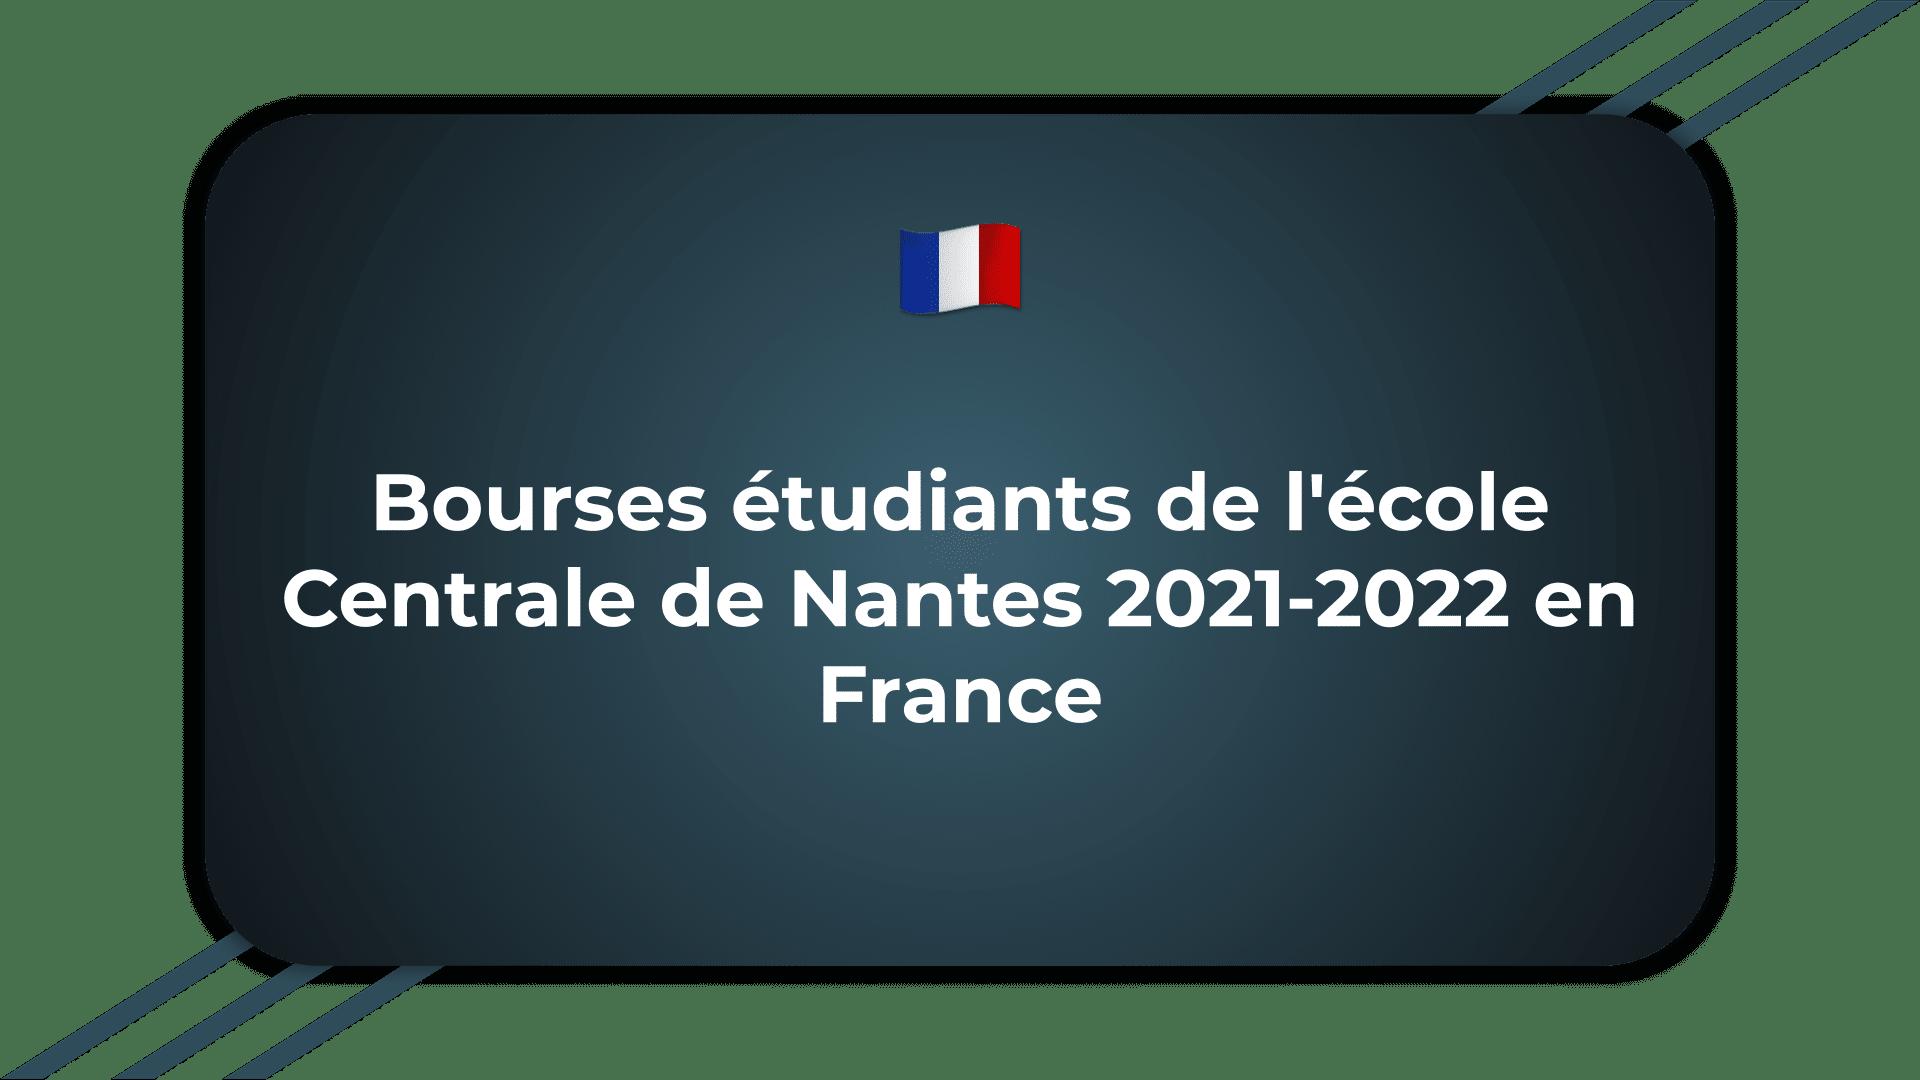 Bourses étudiants de l'école Centrale de Nantes